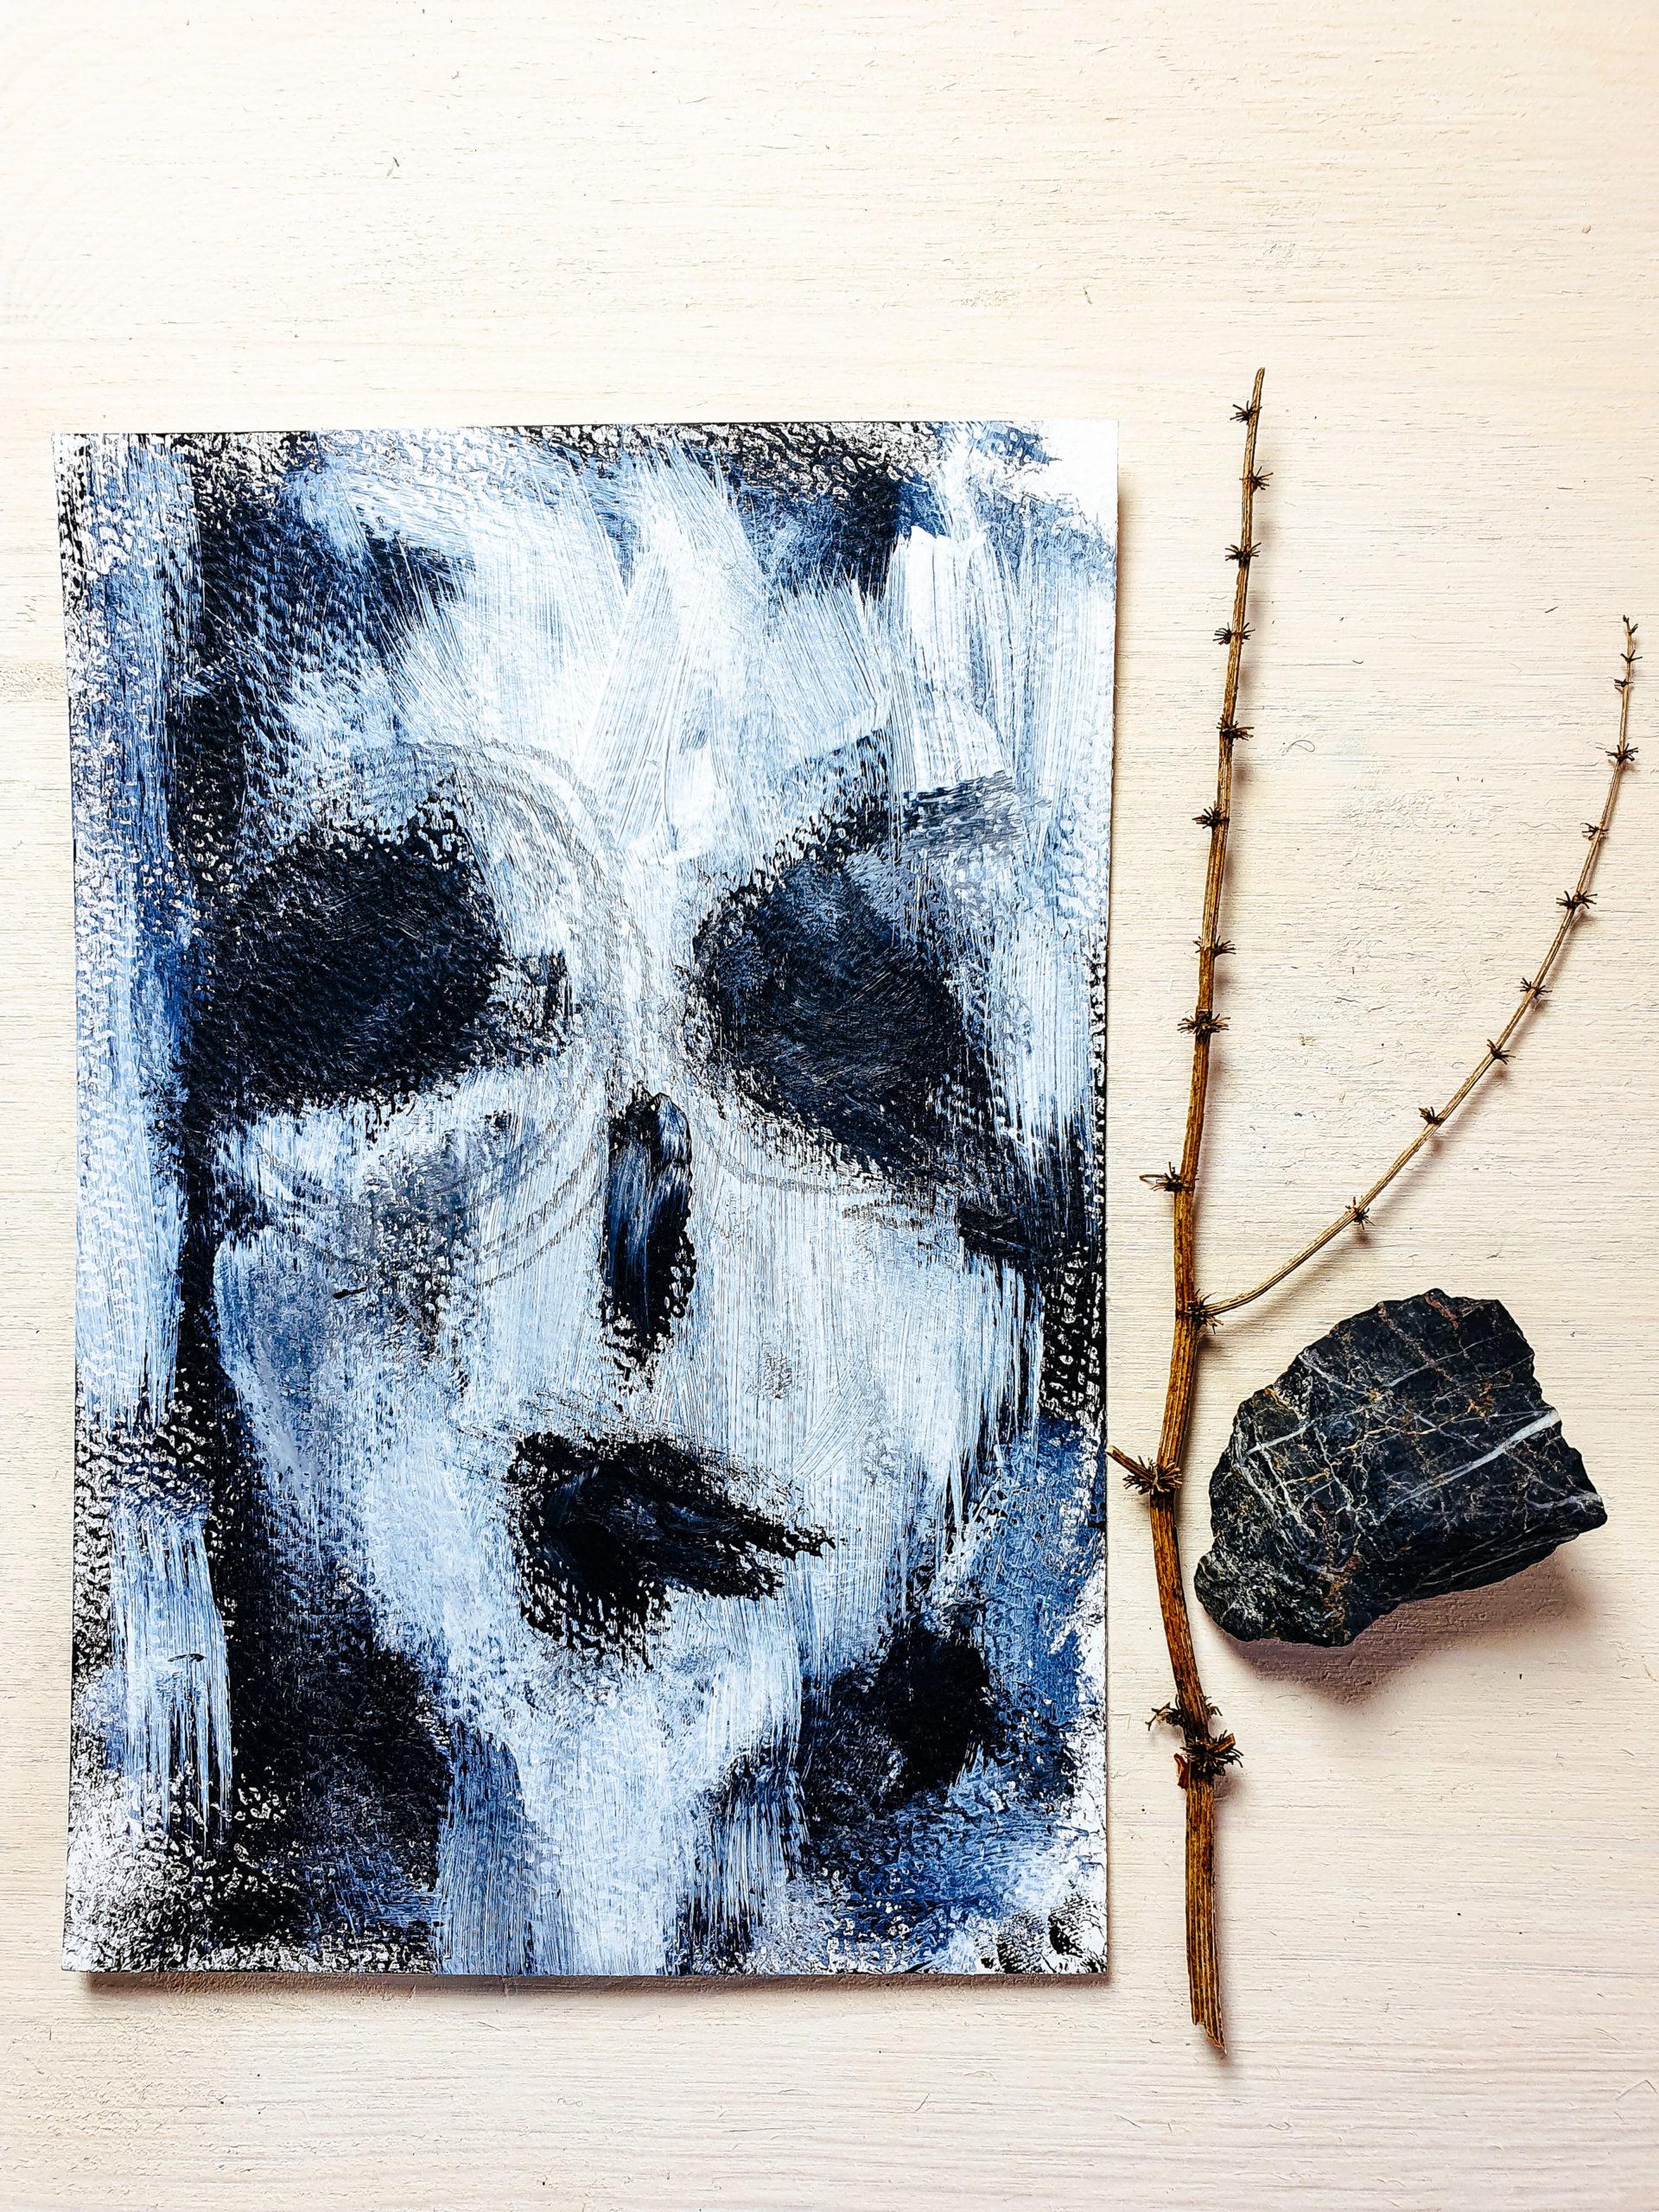 Gesichterliebe in Schwarzweiß